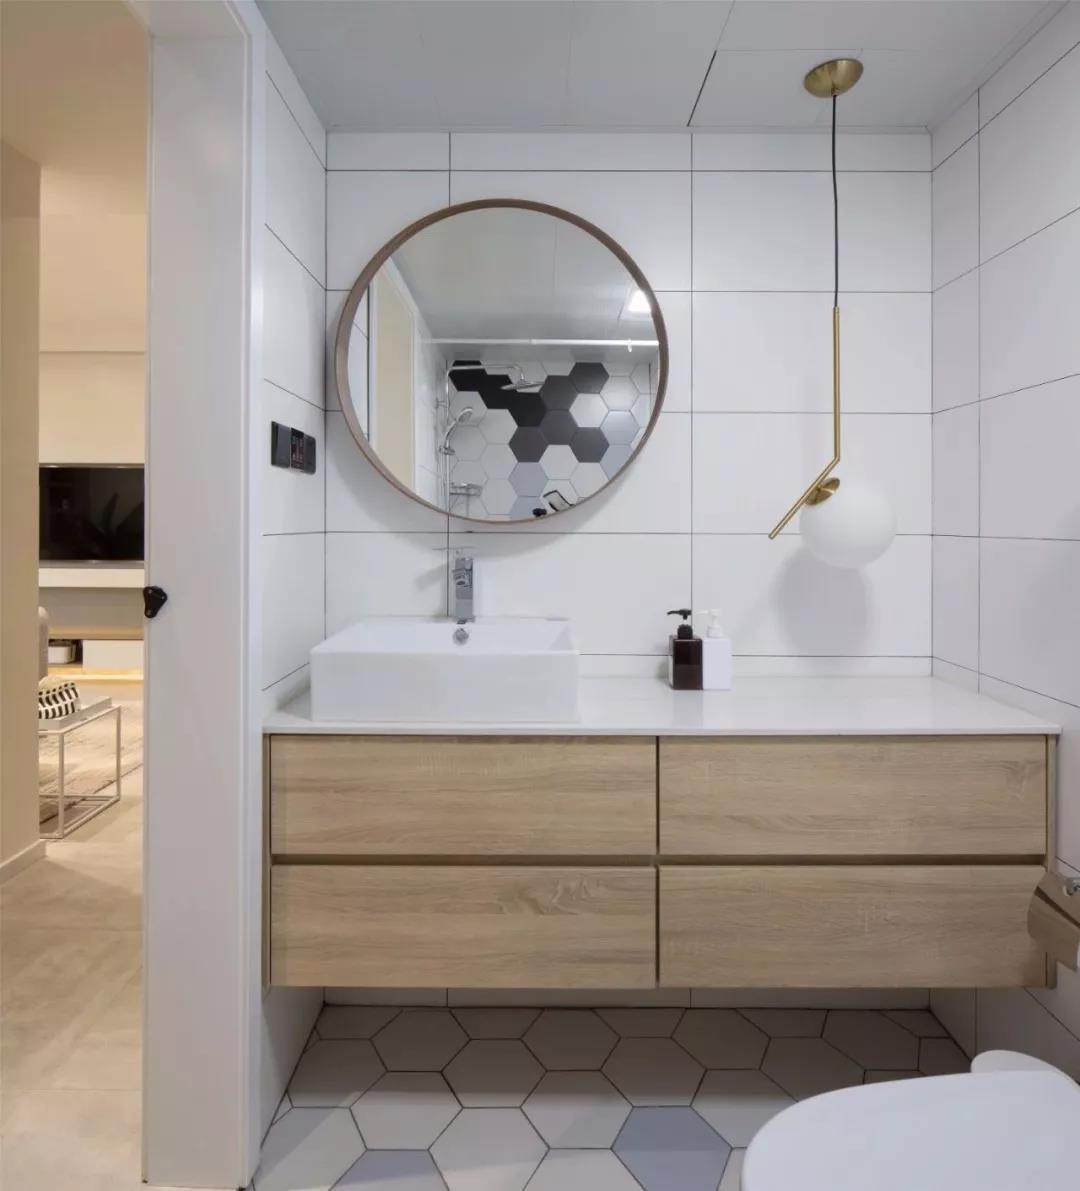 2021现代简约浴室设计图片 2021现代简约细节图片